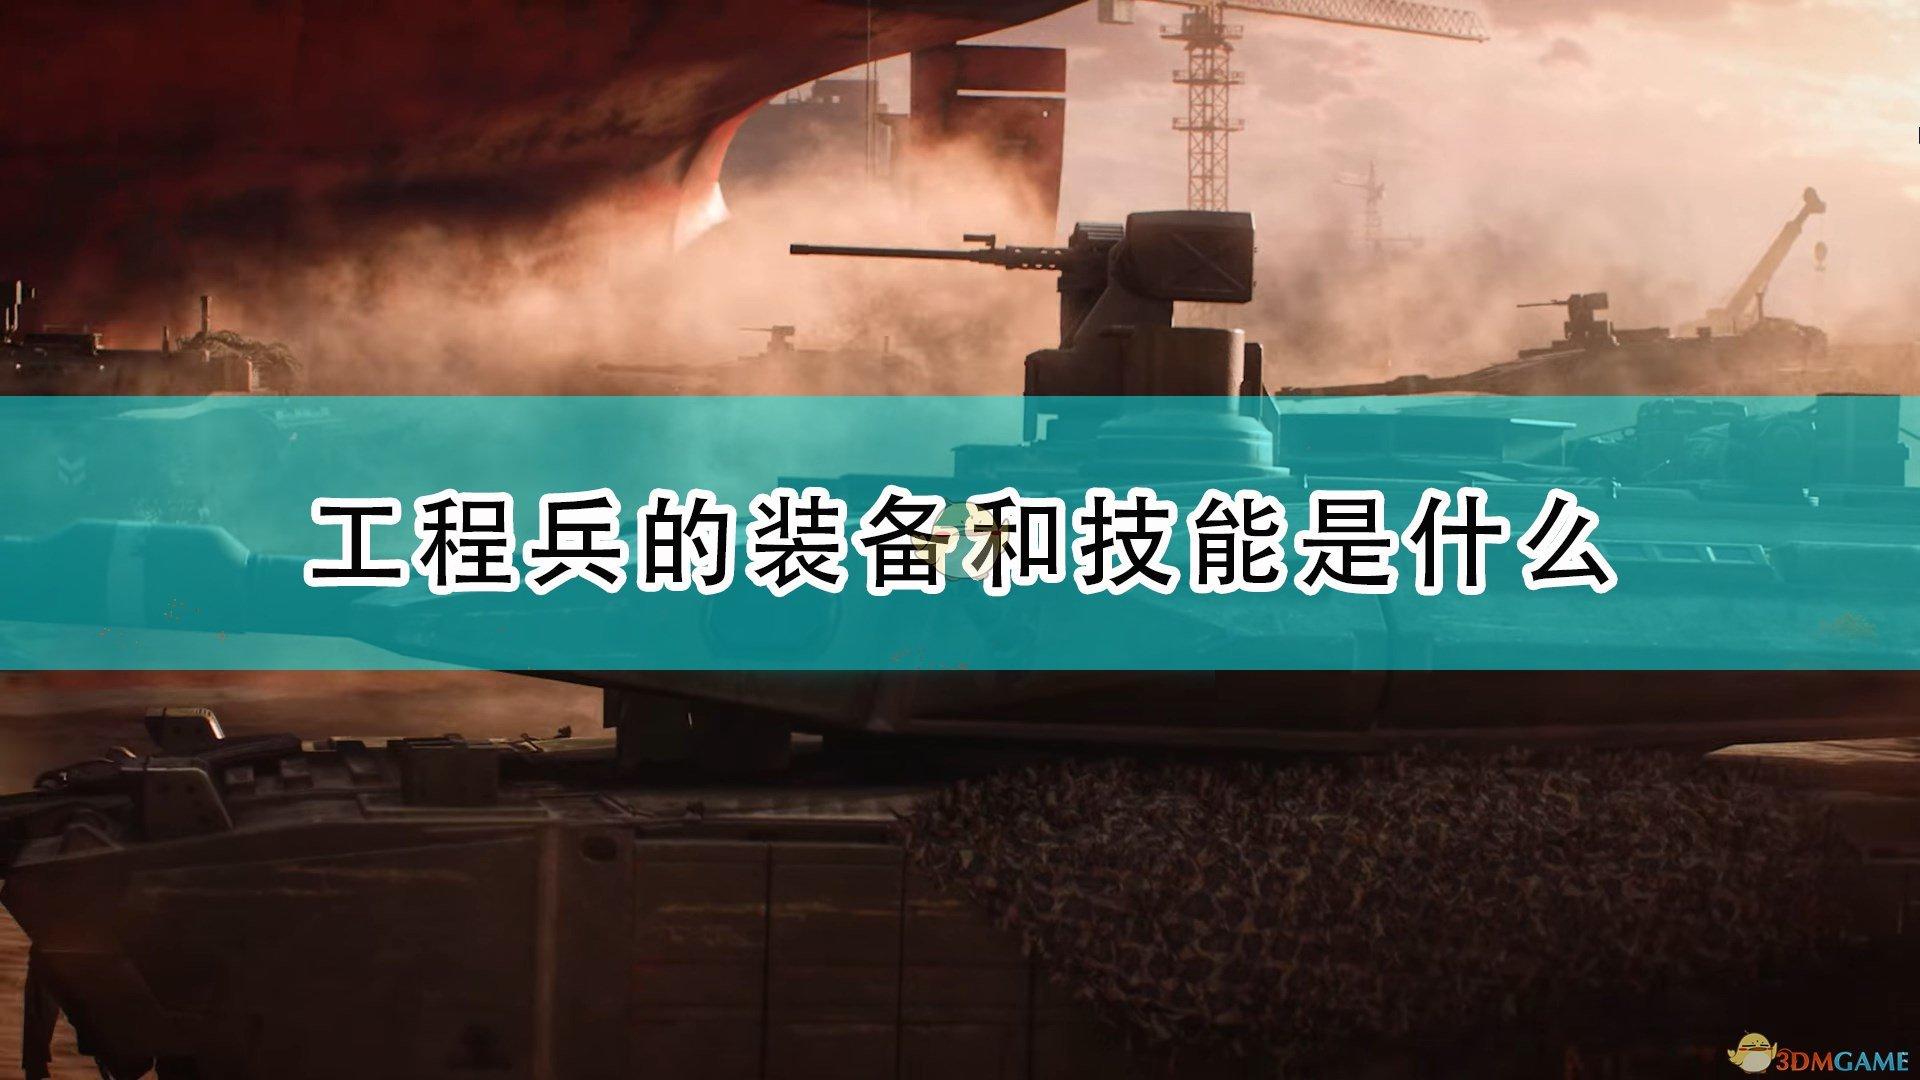 《戰地2042》工程兵裝備技能效果介紹